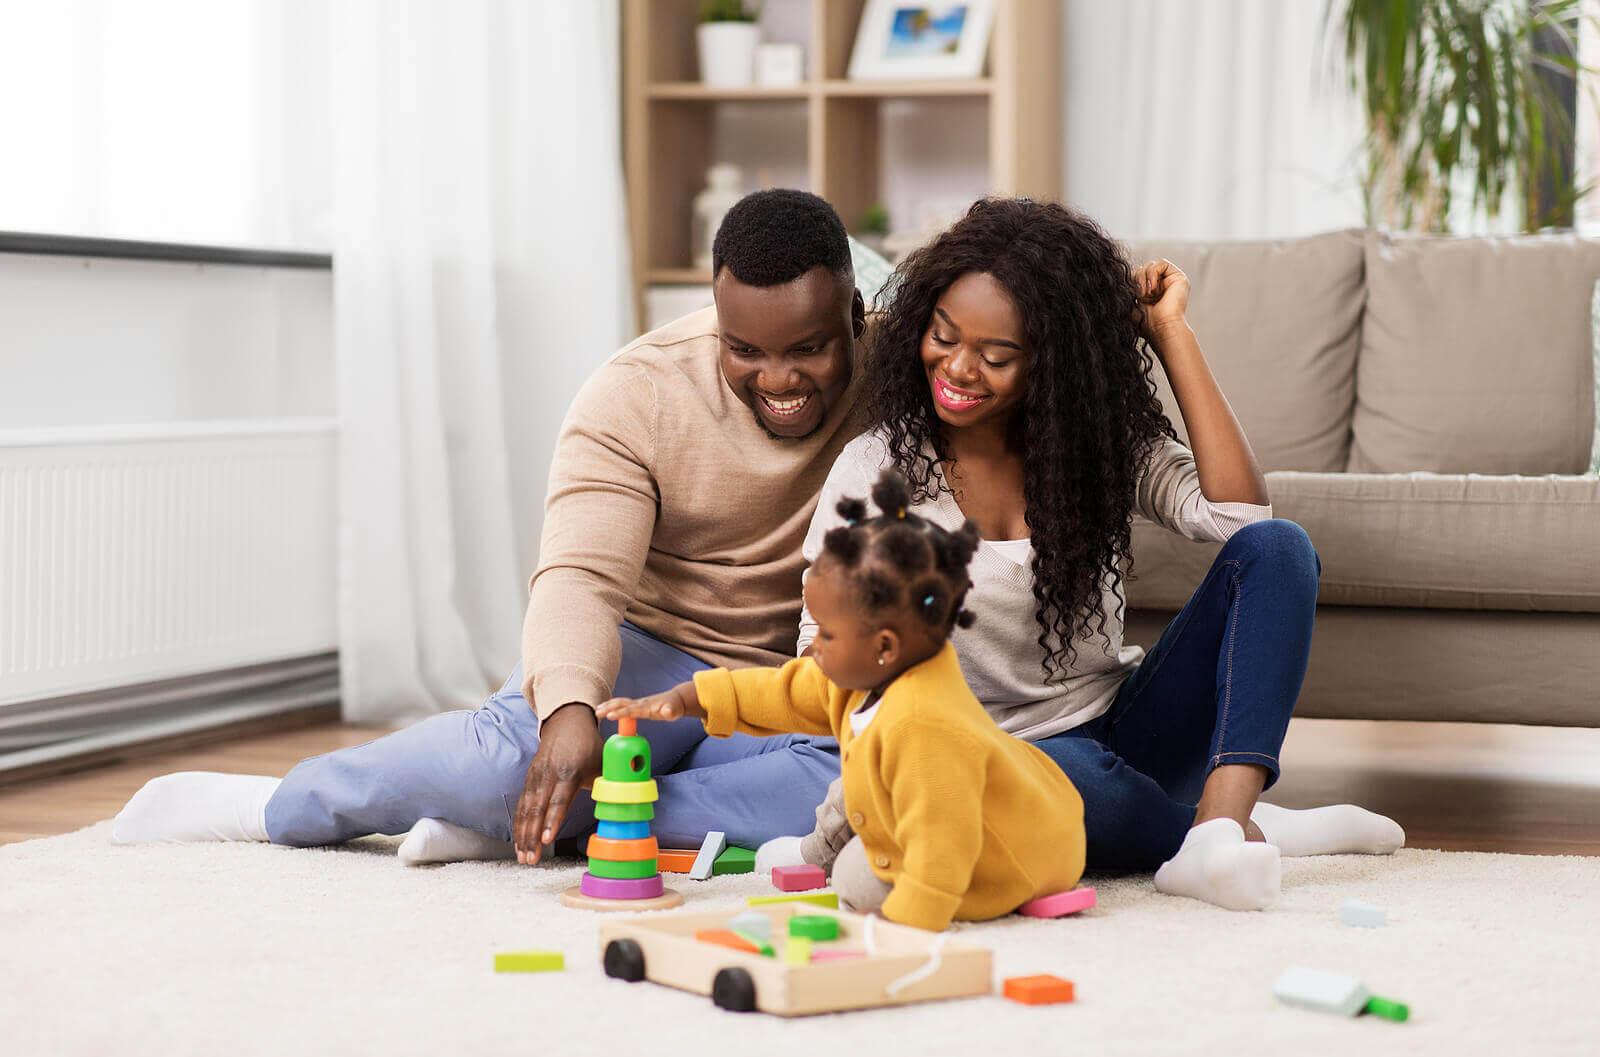 Pais felizes, filhos felizes: regra básica da maternidade